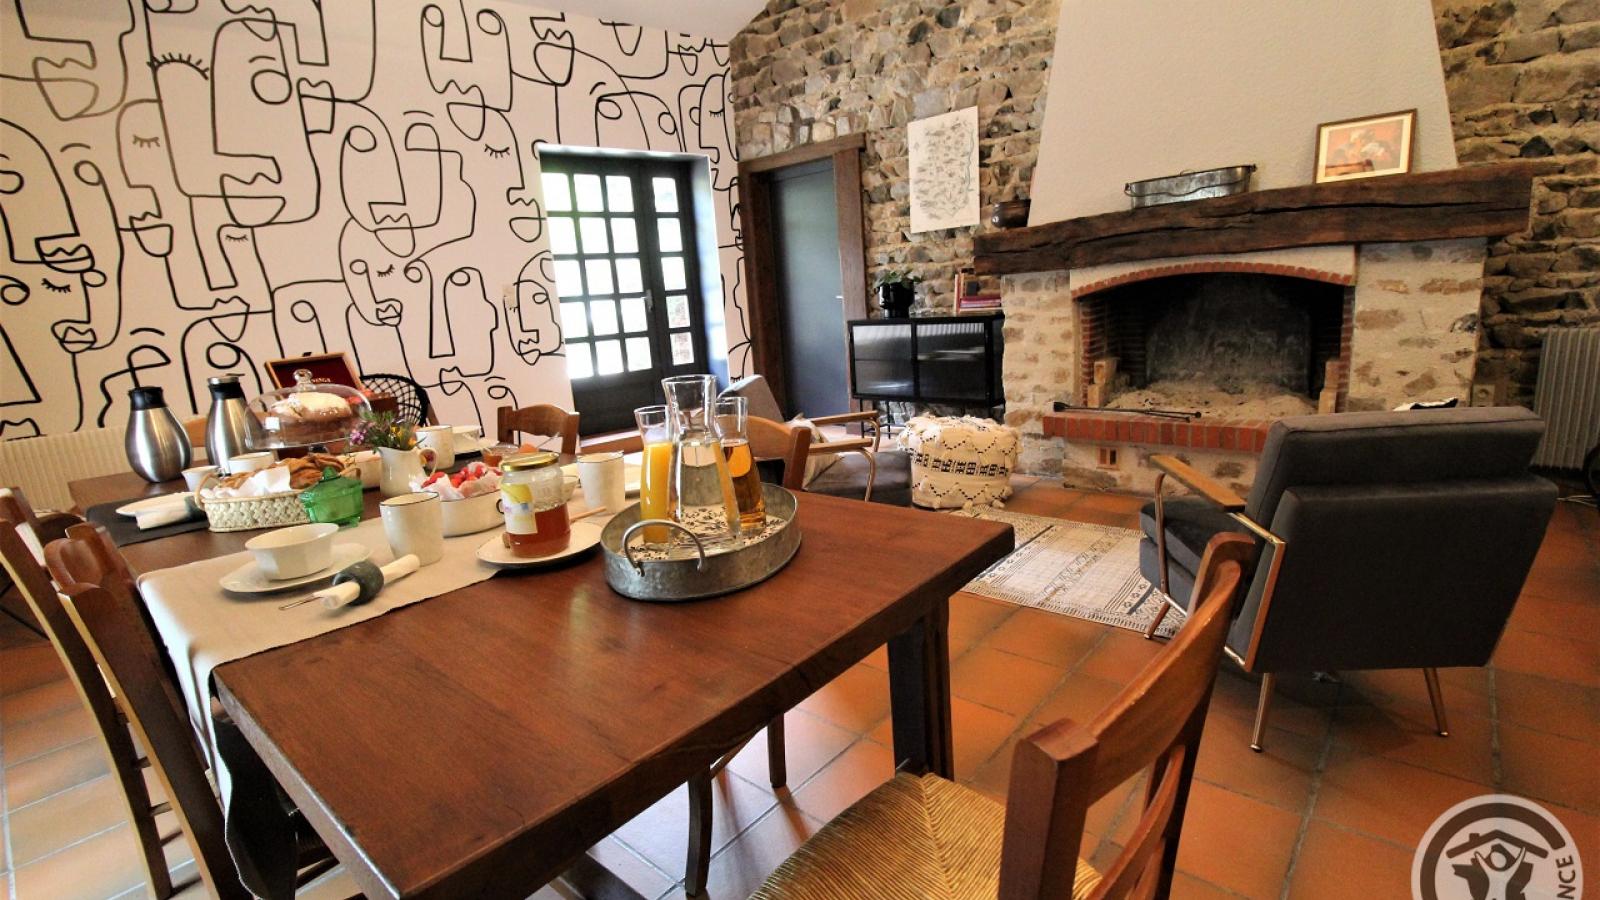 Chambres d'Hôtes 'Domaine de Romarand' à Quincié-en-Beaujolais, dans le Rhône : Coin repas dans la pièce réservée aux hôtes.